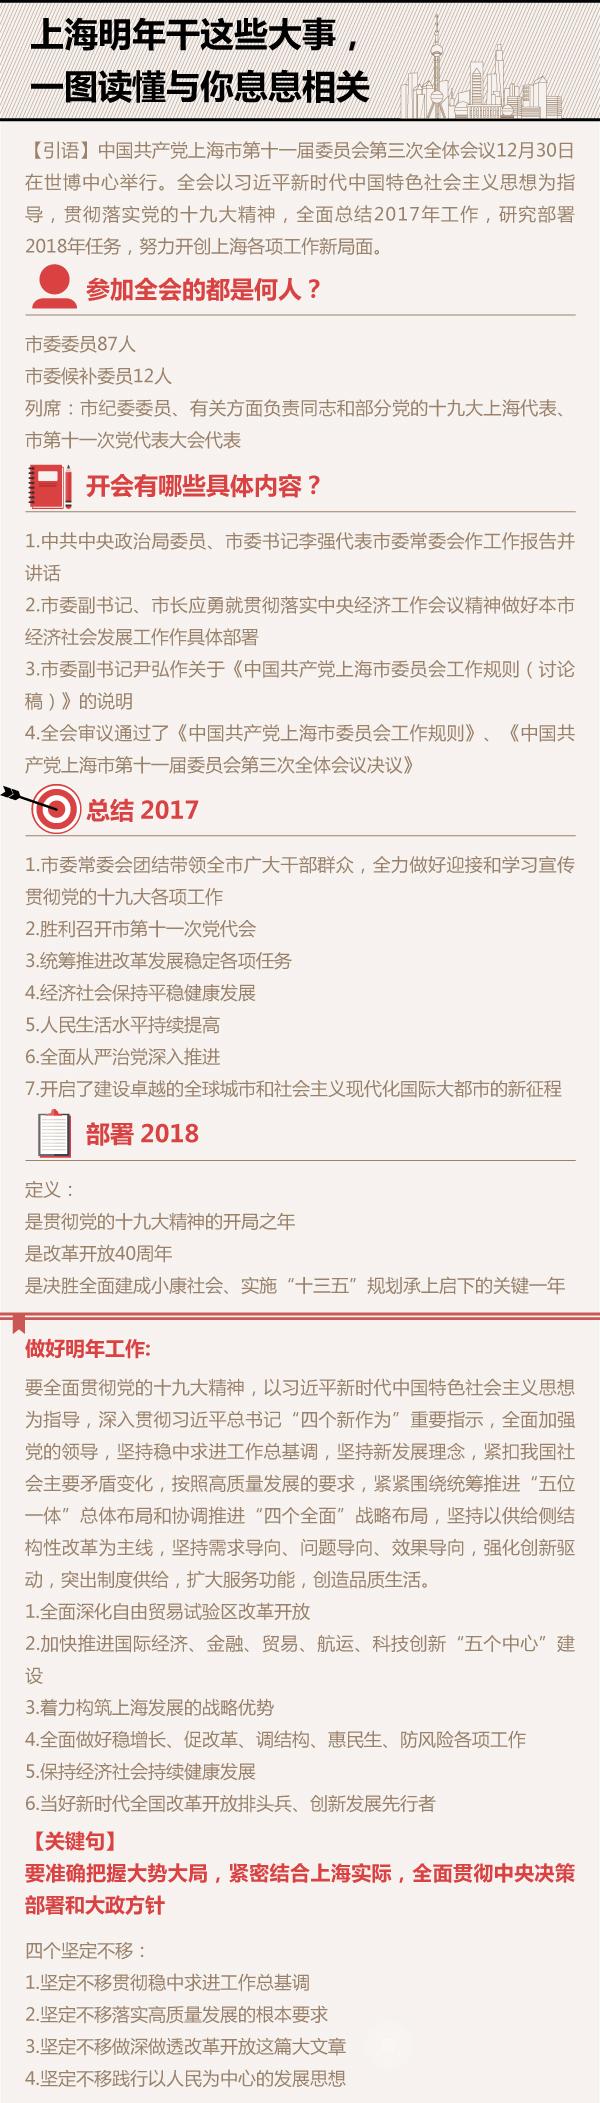 上海明年干这些大事 一图读懂与你息息相关